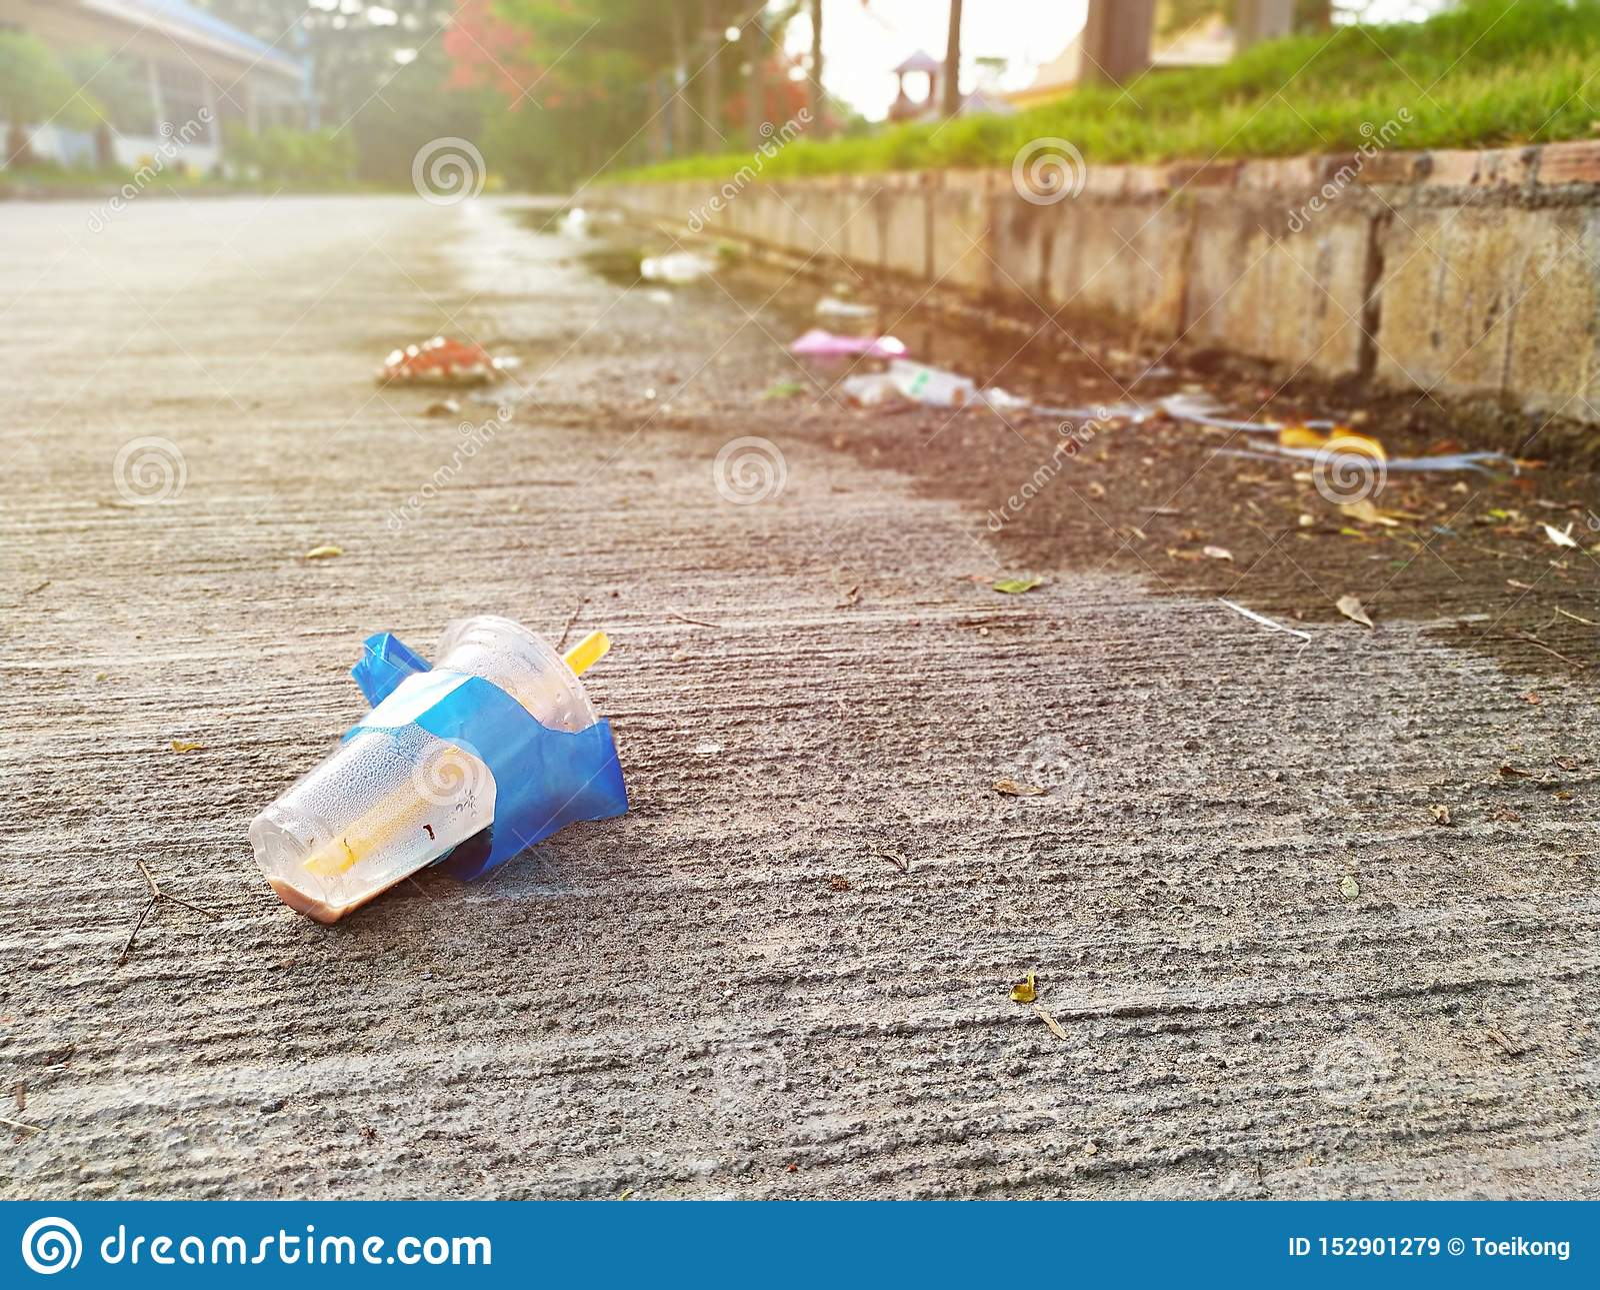 Le verre en plastique utilisé a été laissé comme déchets sur la rue